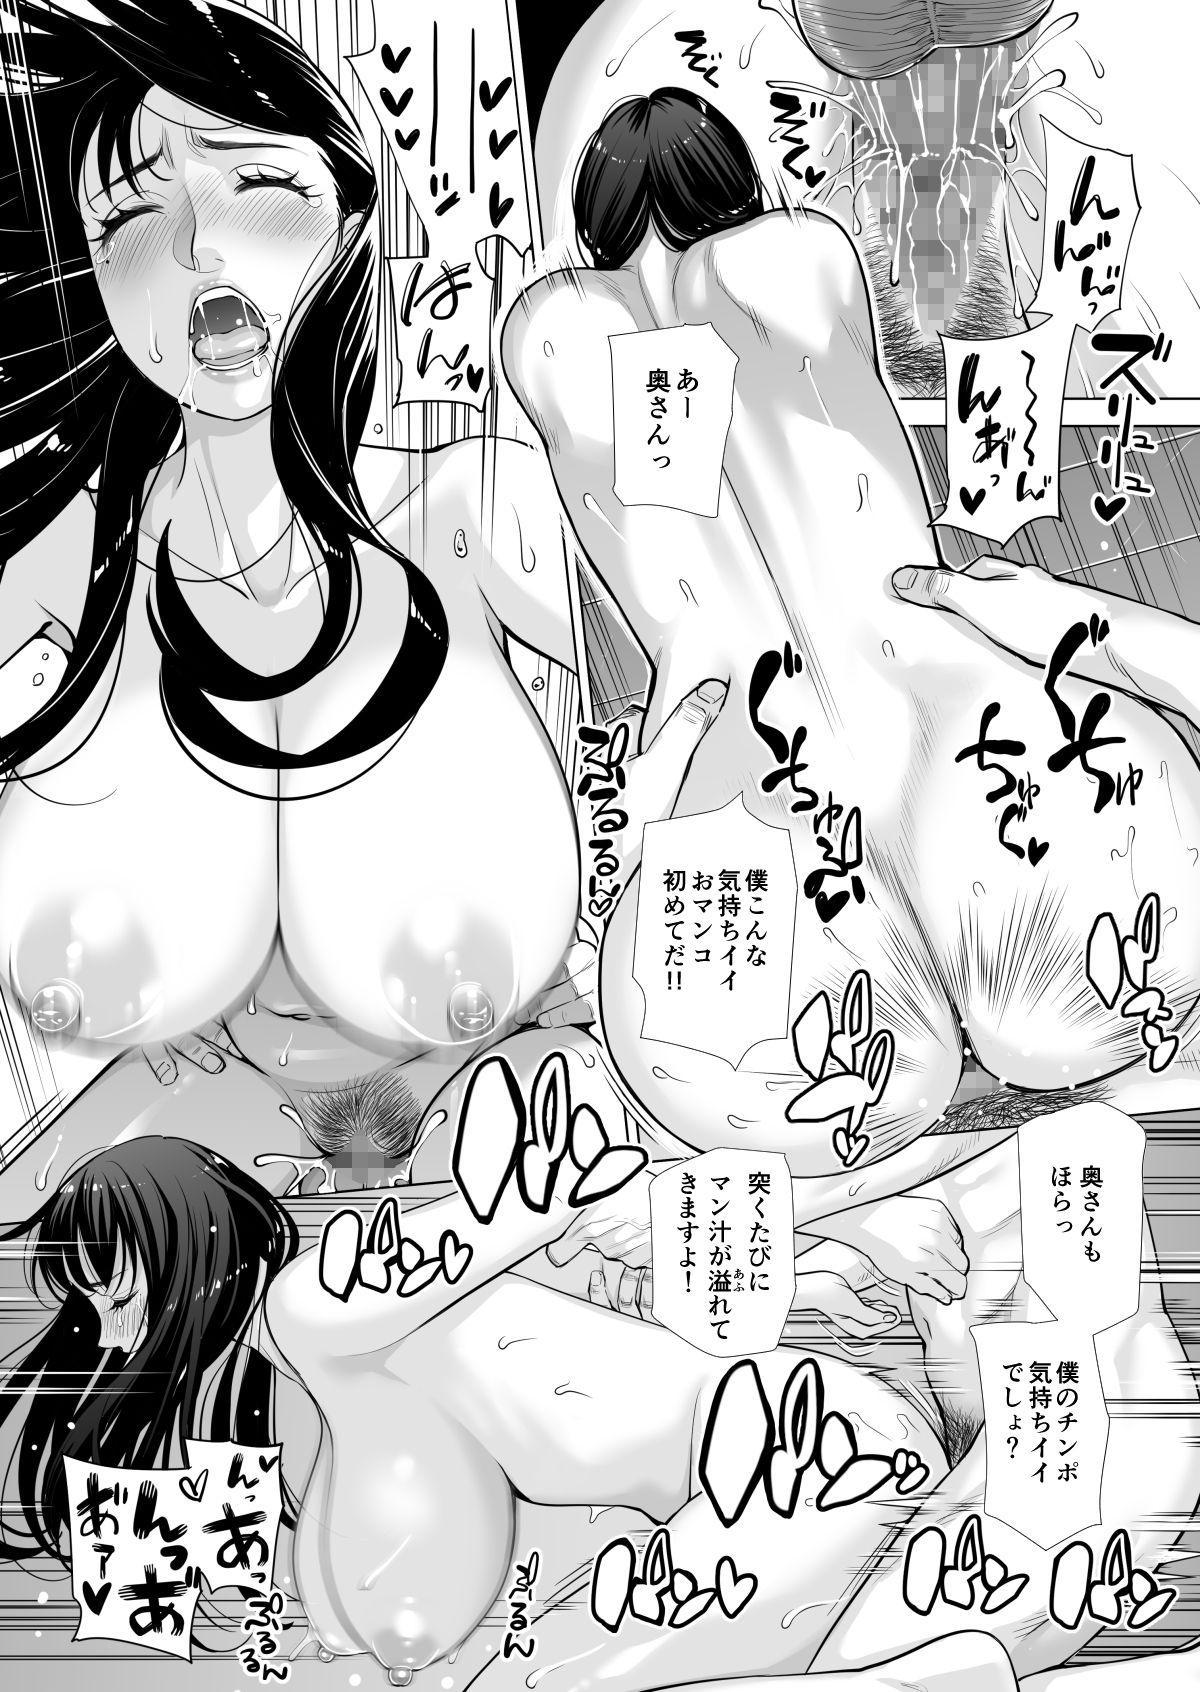 Tsukiyo no Midare Sake 38